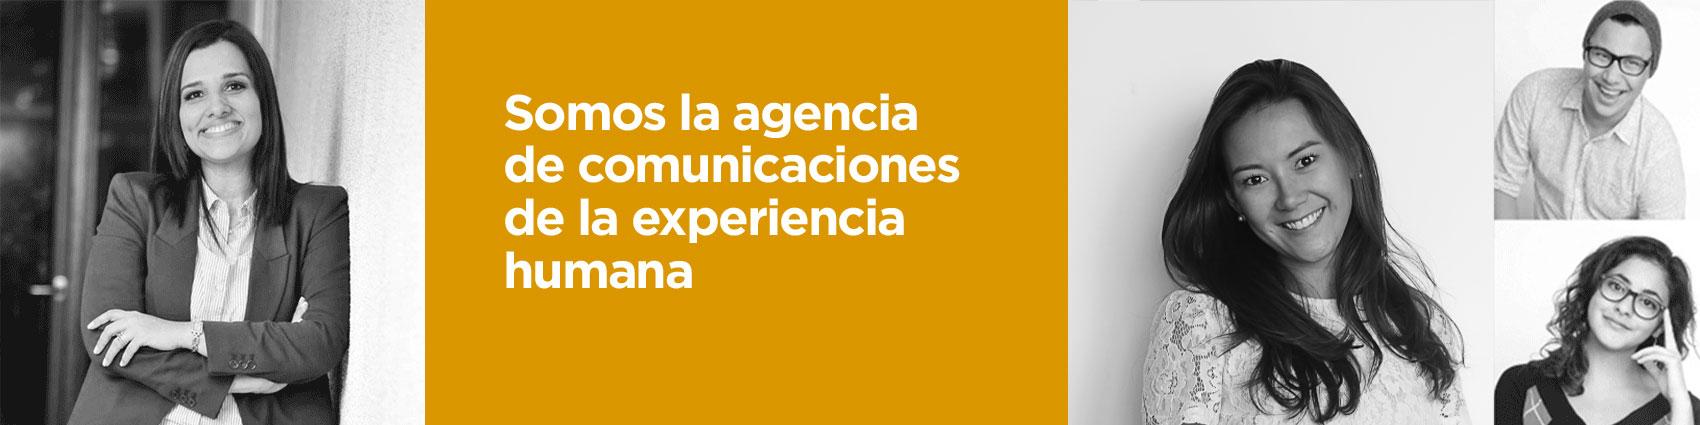 Somos la agencia de comunicaciones de la experiencia humana